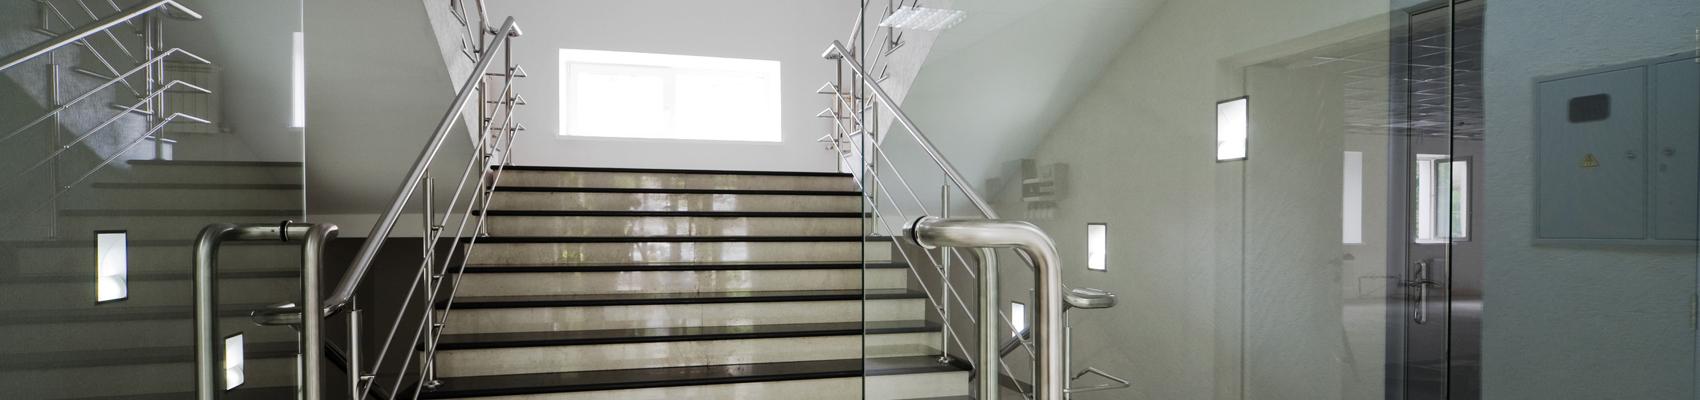 Coarqui | Aluminio - Vidrio - PVC